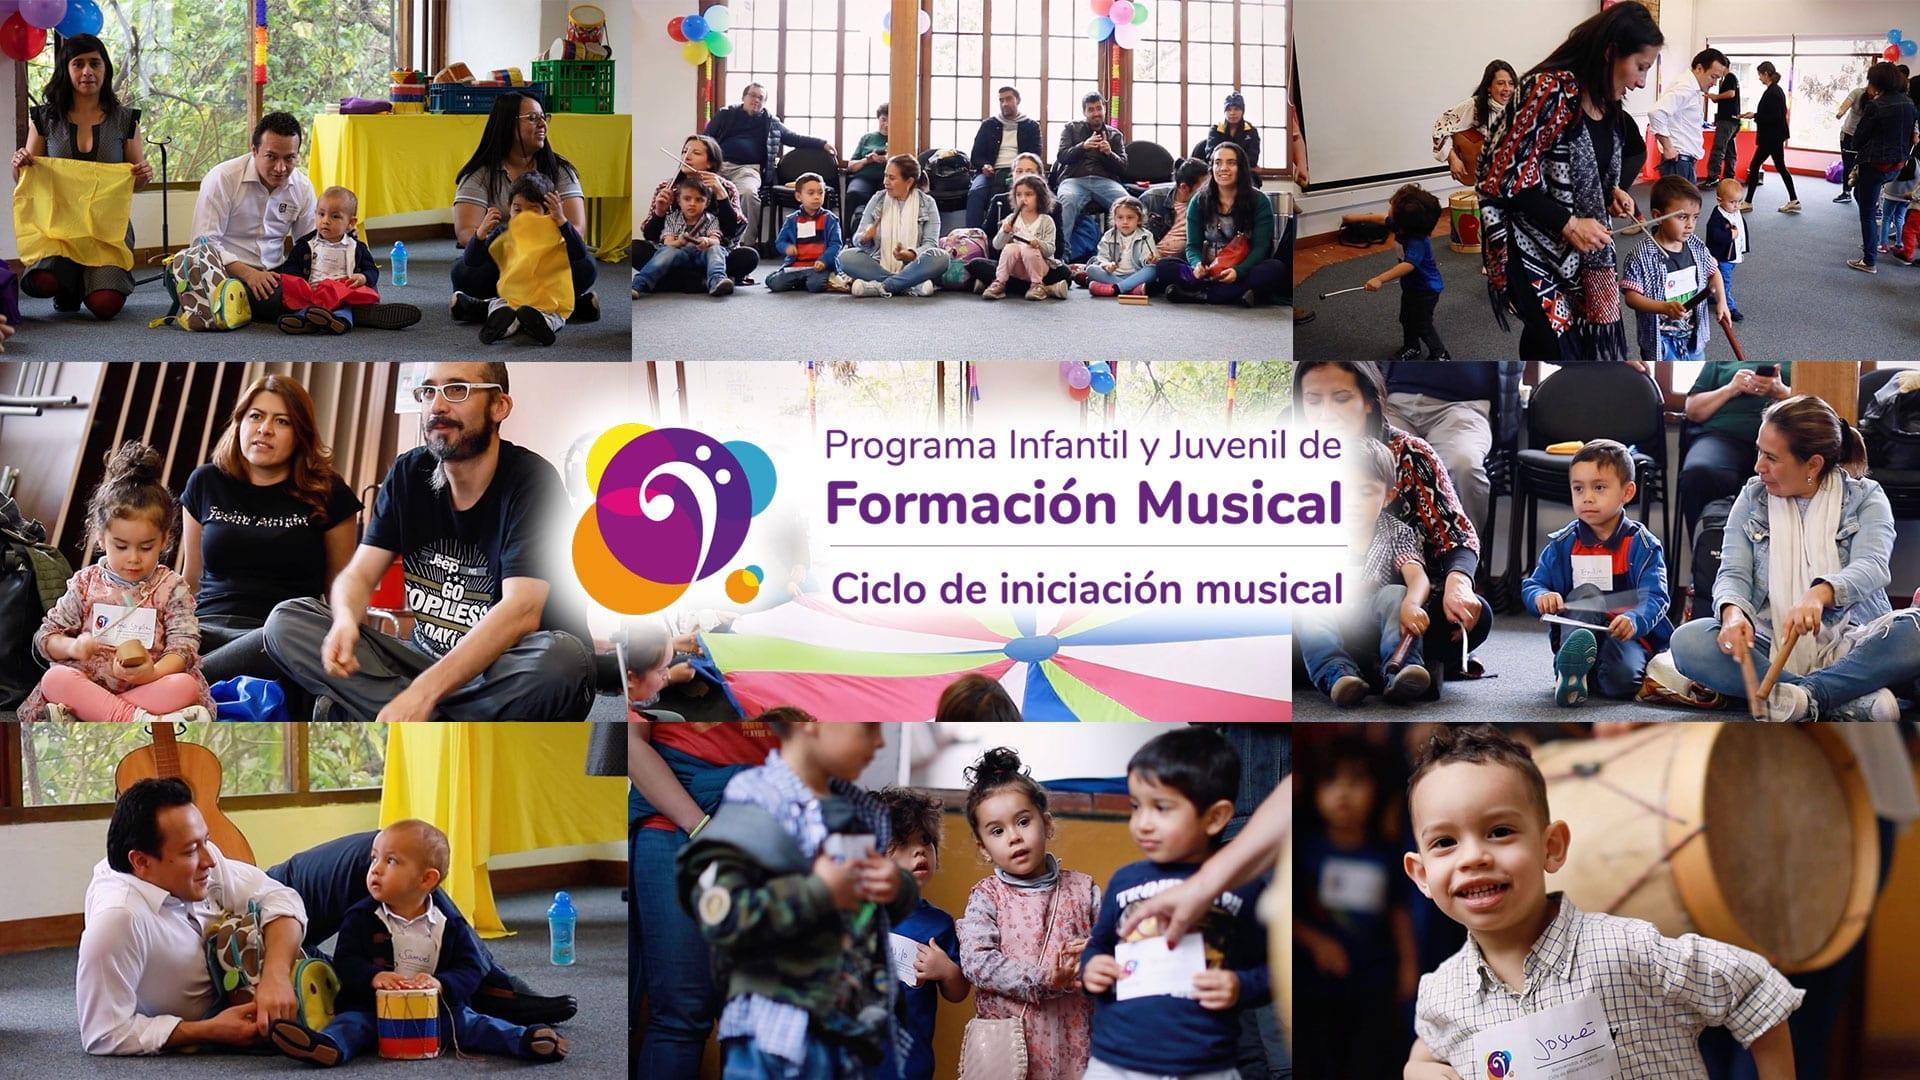 Nuevo Ciclo de iniciación musical de la Universidad de los Andes